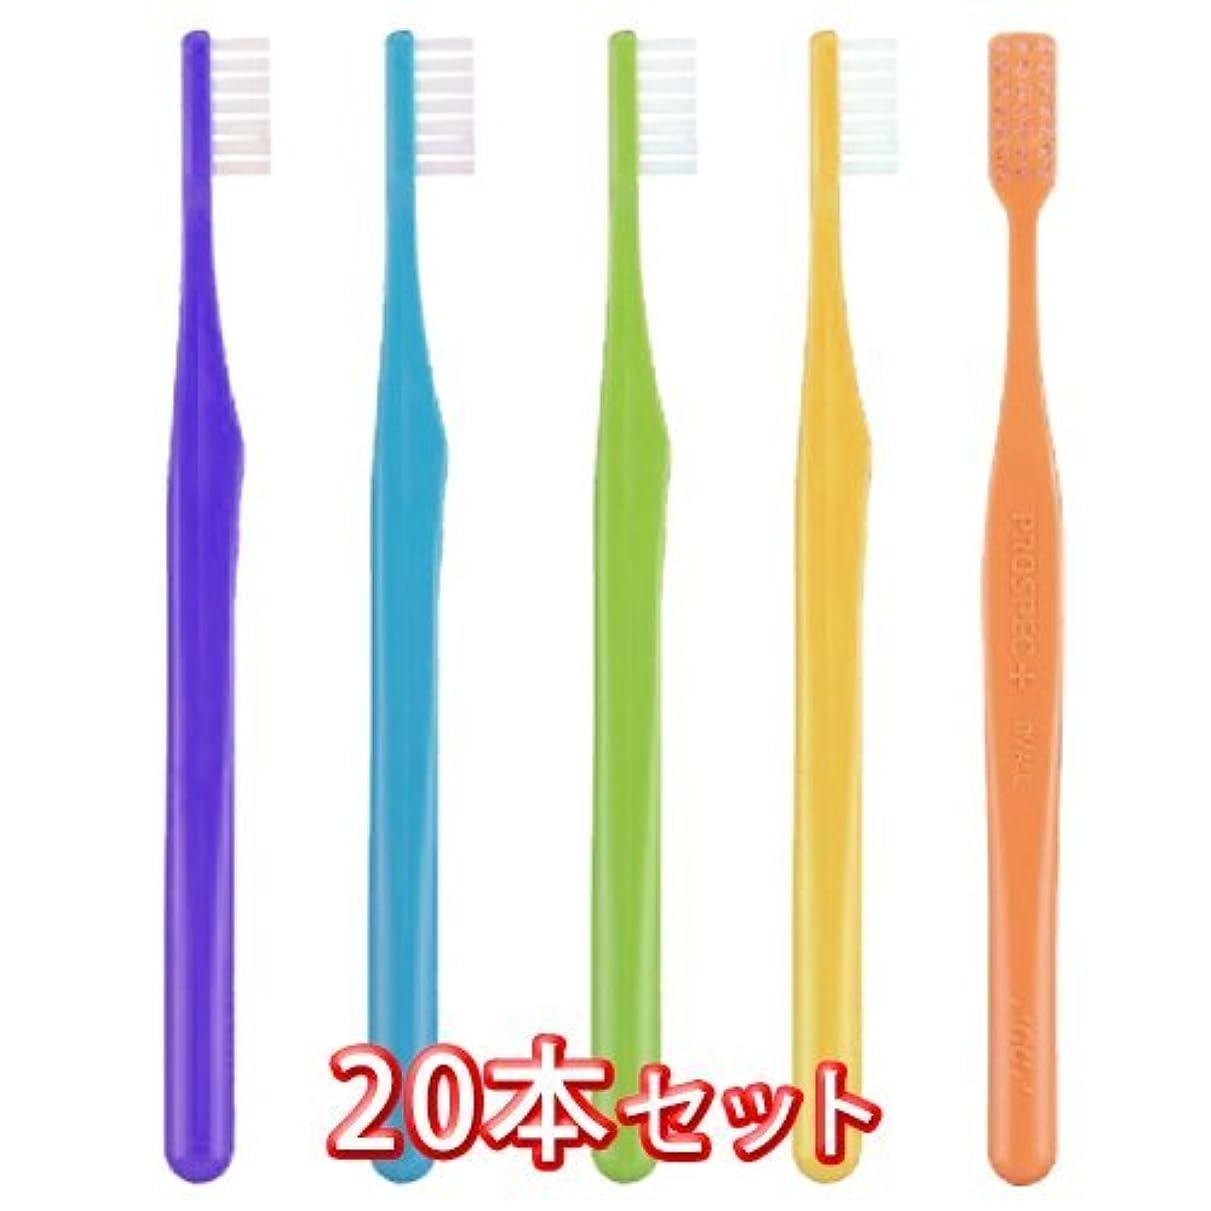 形ボート添加剤プロスペック プラス 歯ブラシ 20本入 スモール